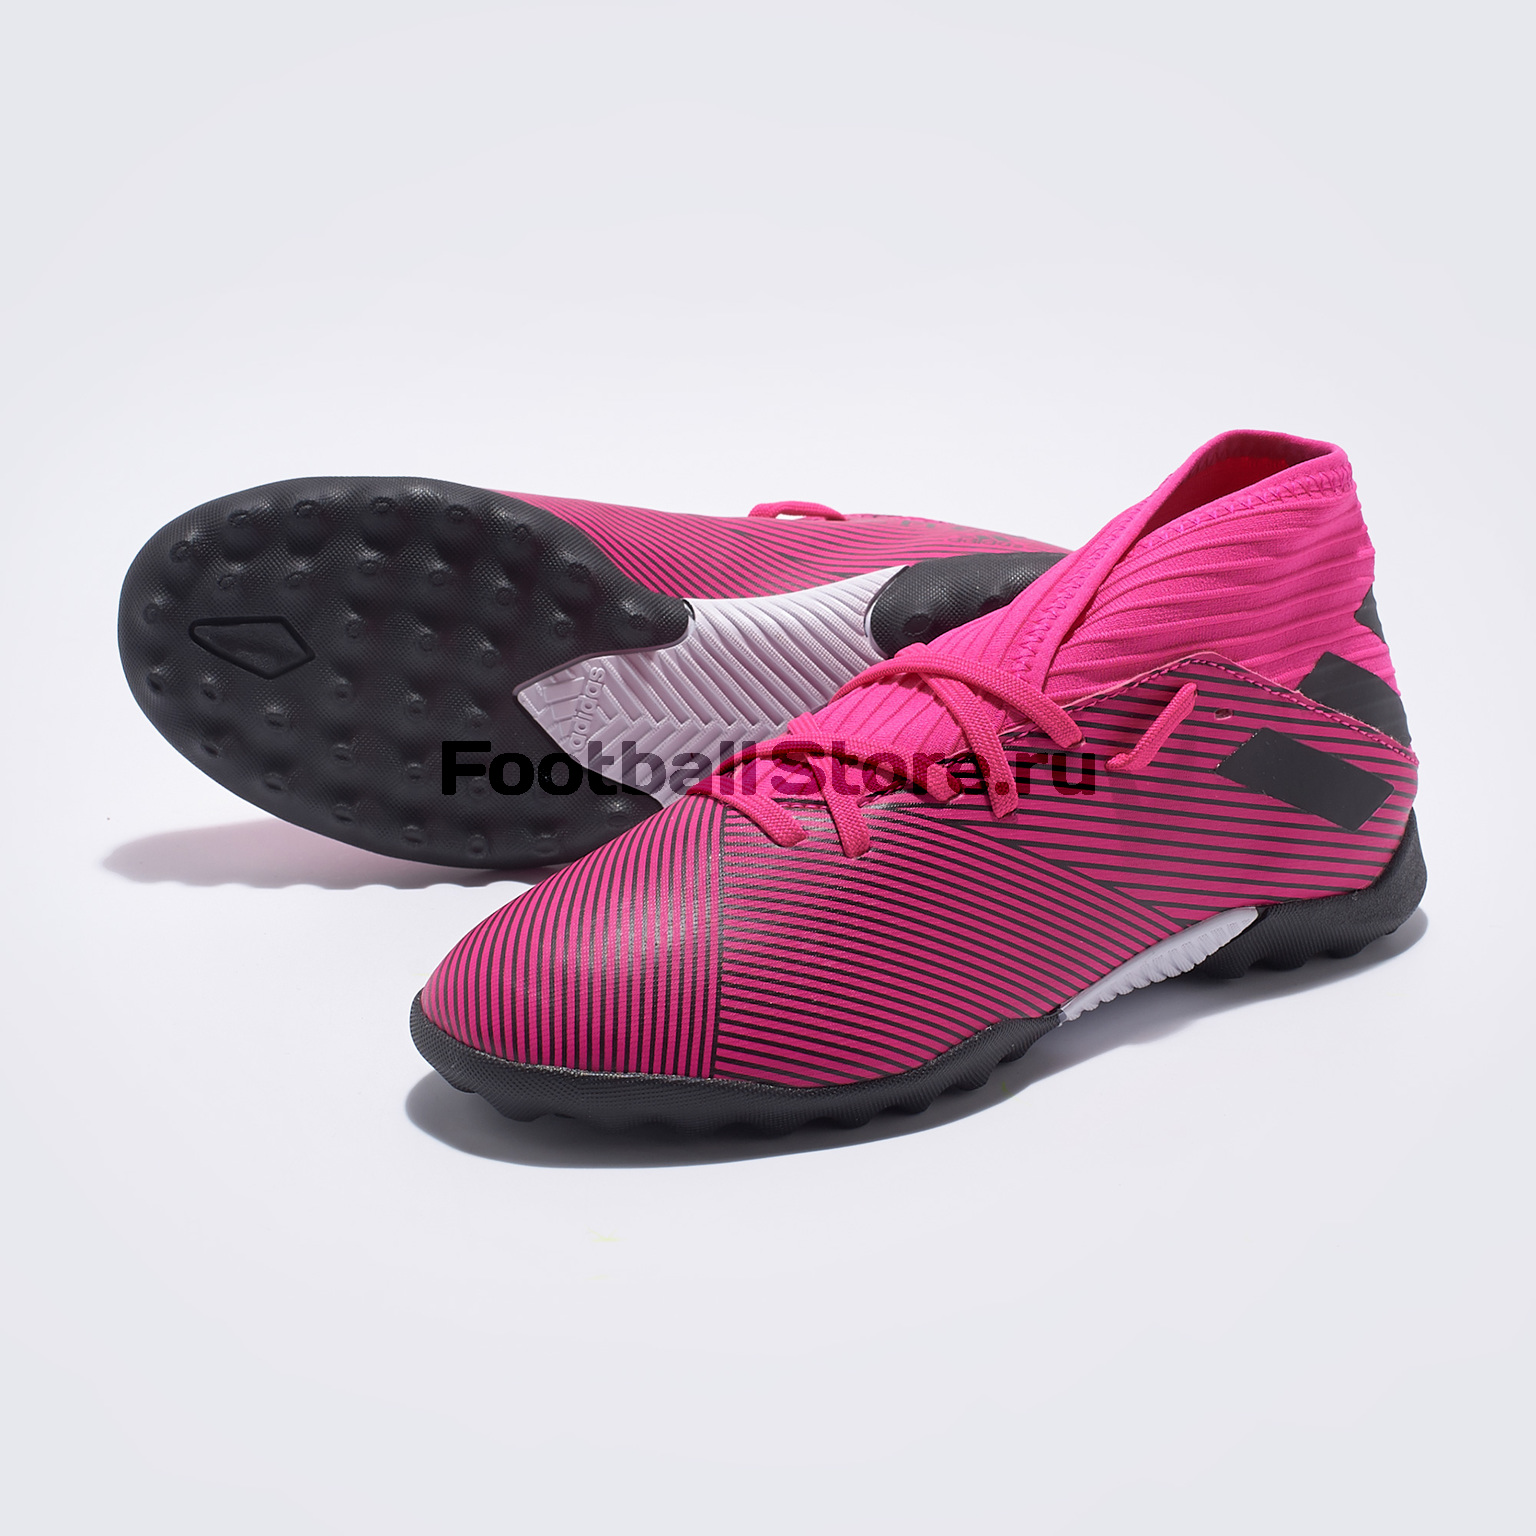 Шиповки детские Adidas X 19.3 FG F99944 шиповки детские adidas x tango 18 3 tf db2422